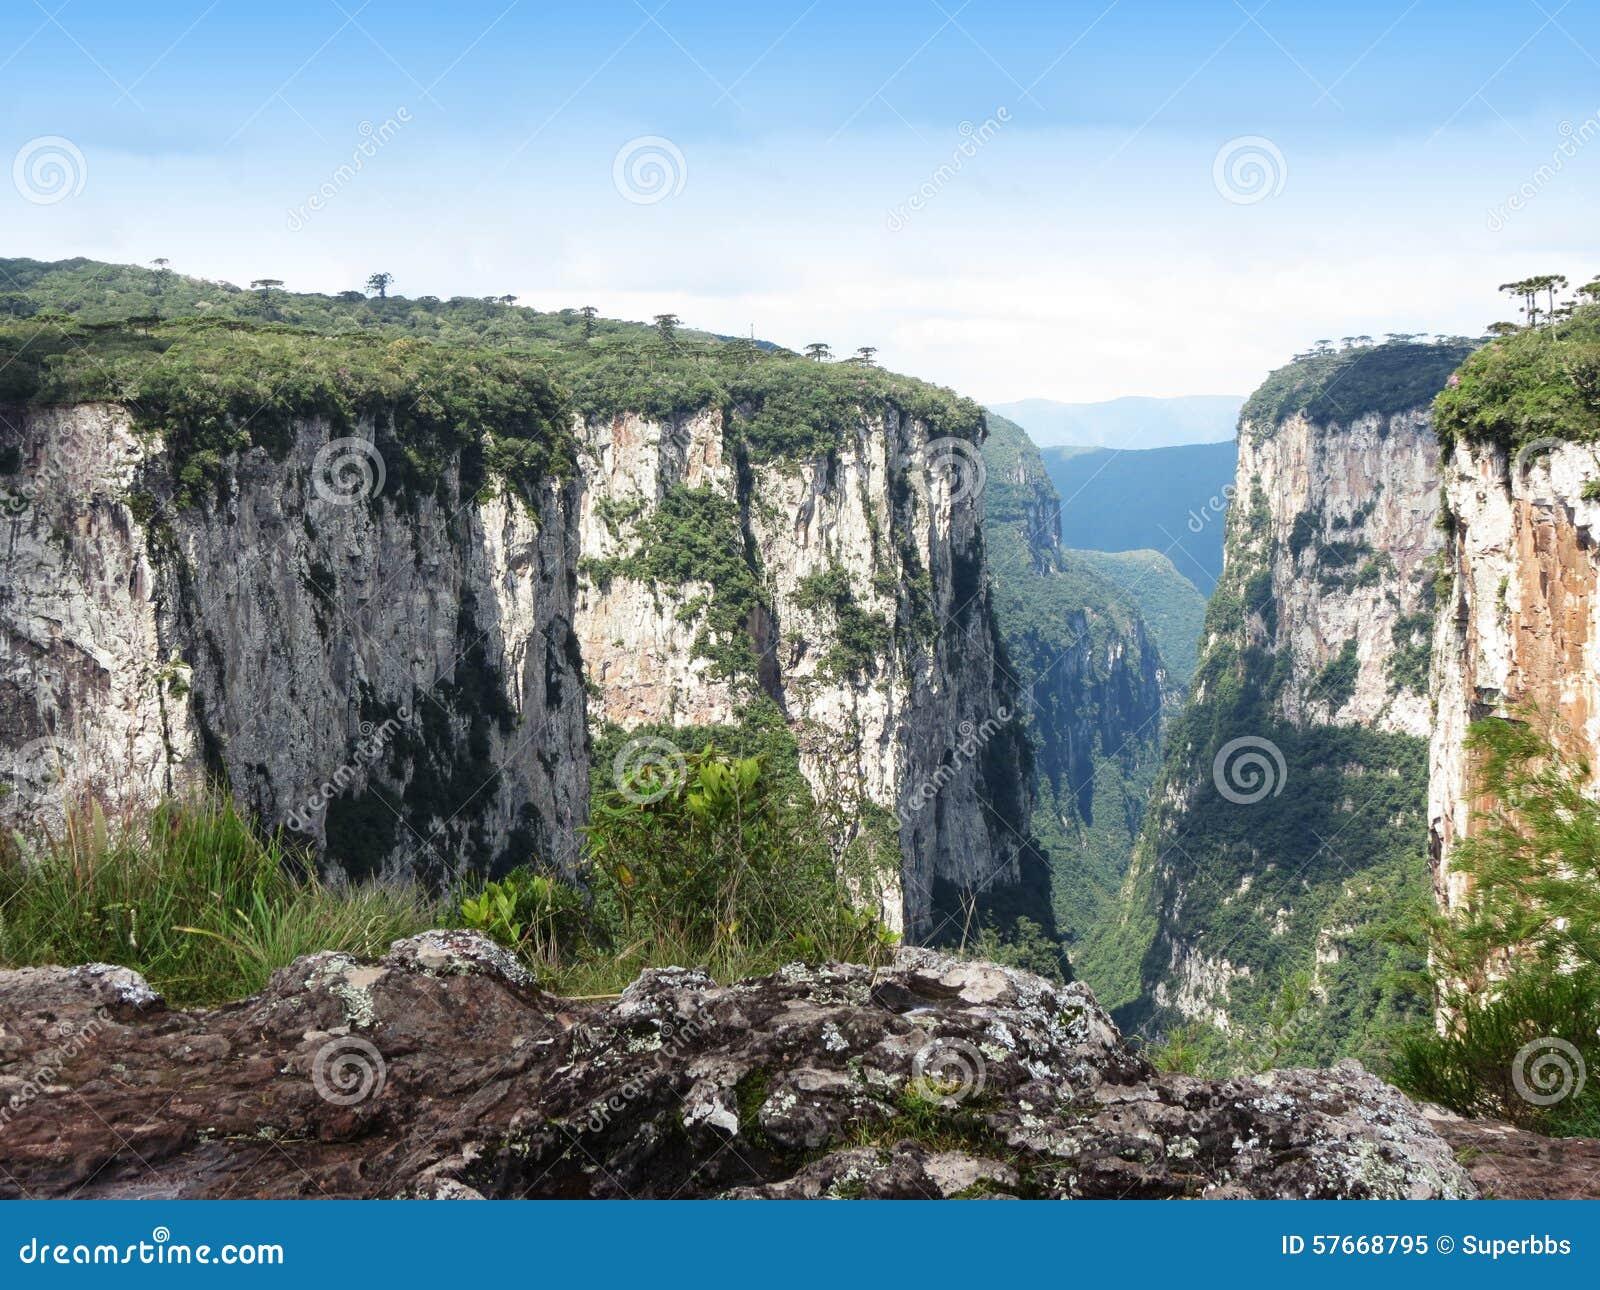 Itaimbezinho jar - Brazylia